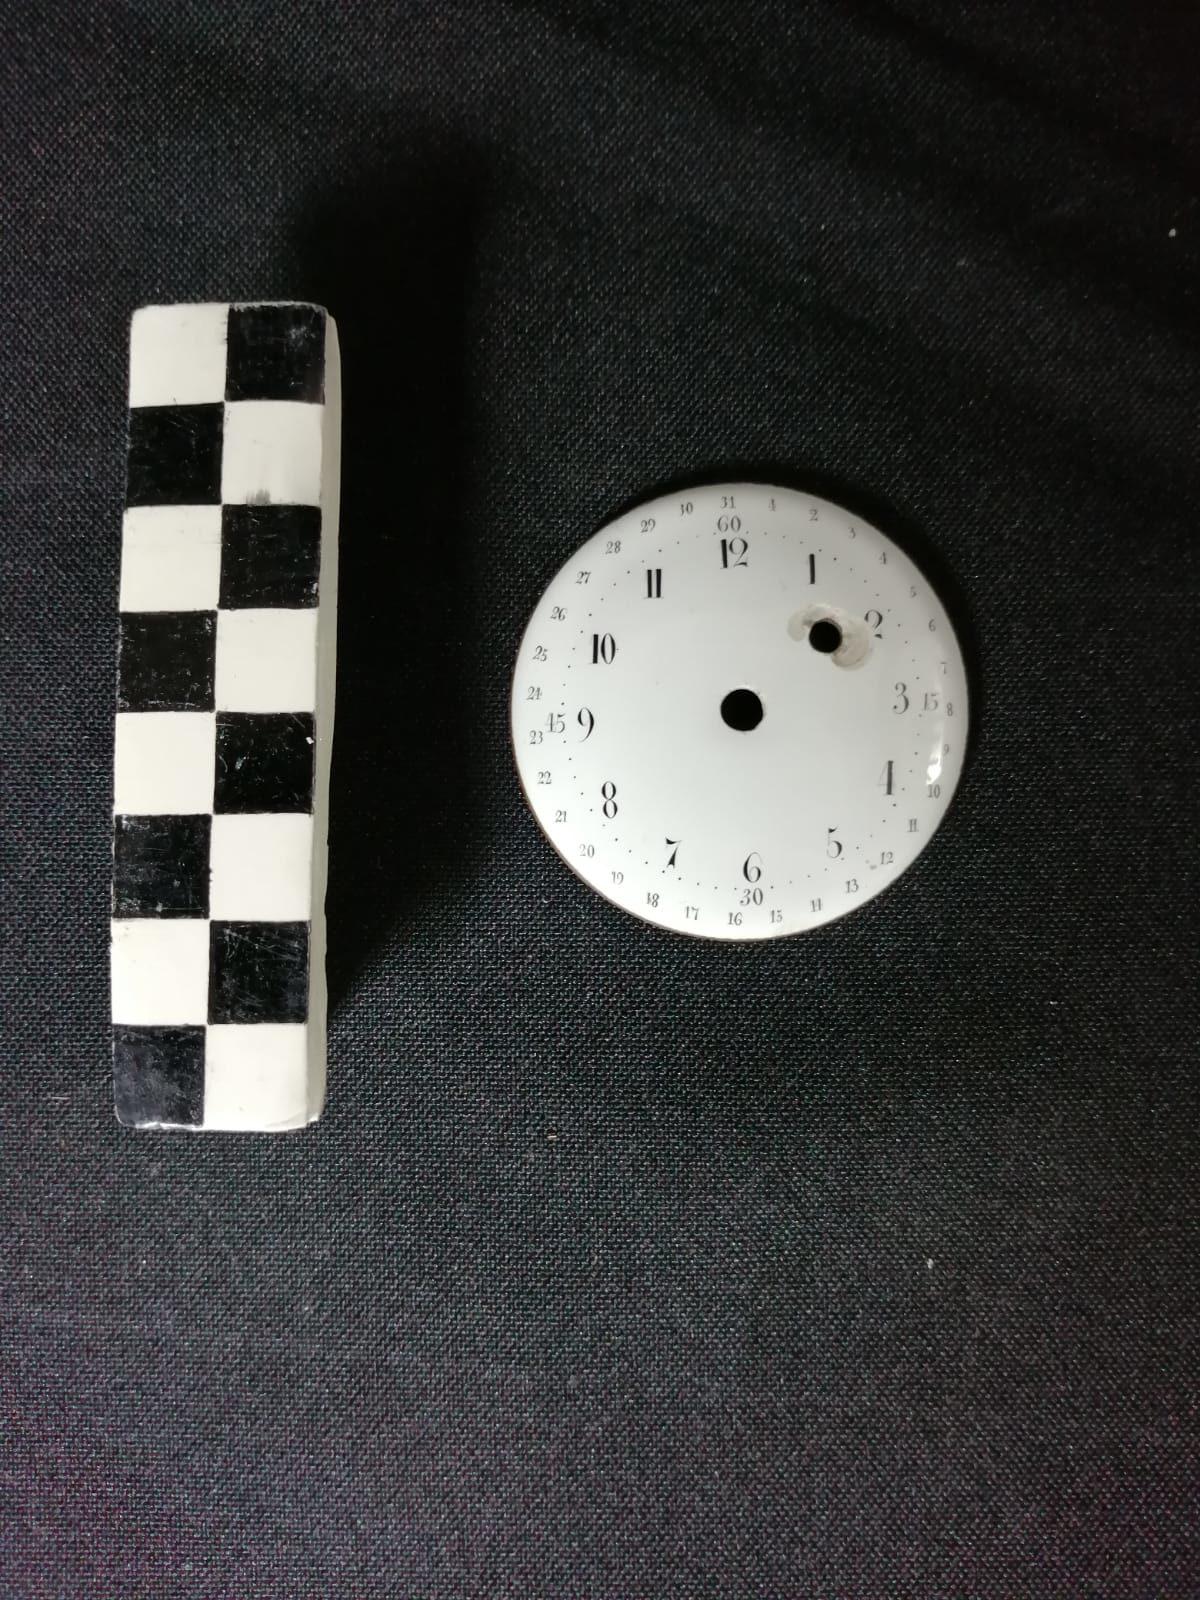 restauration réparation émail métal montre cadran horloge